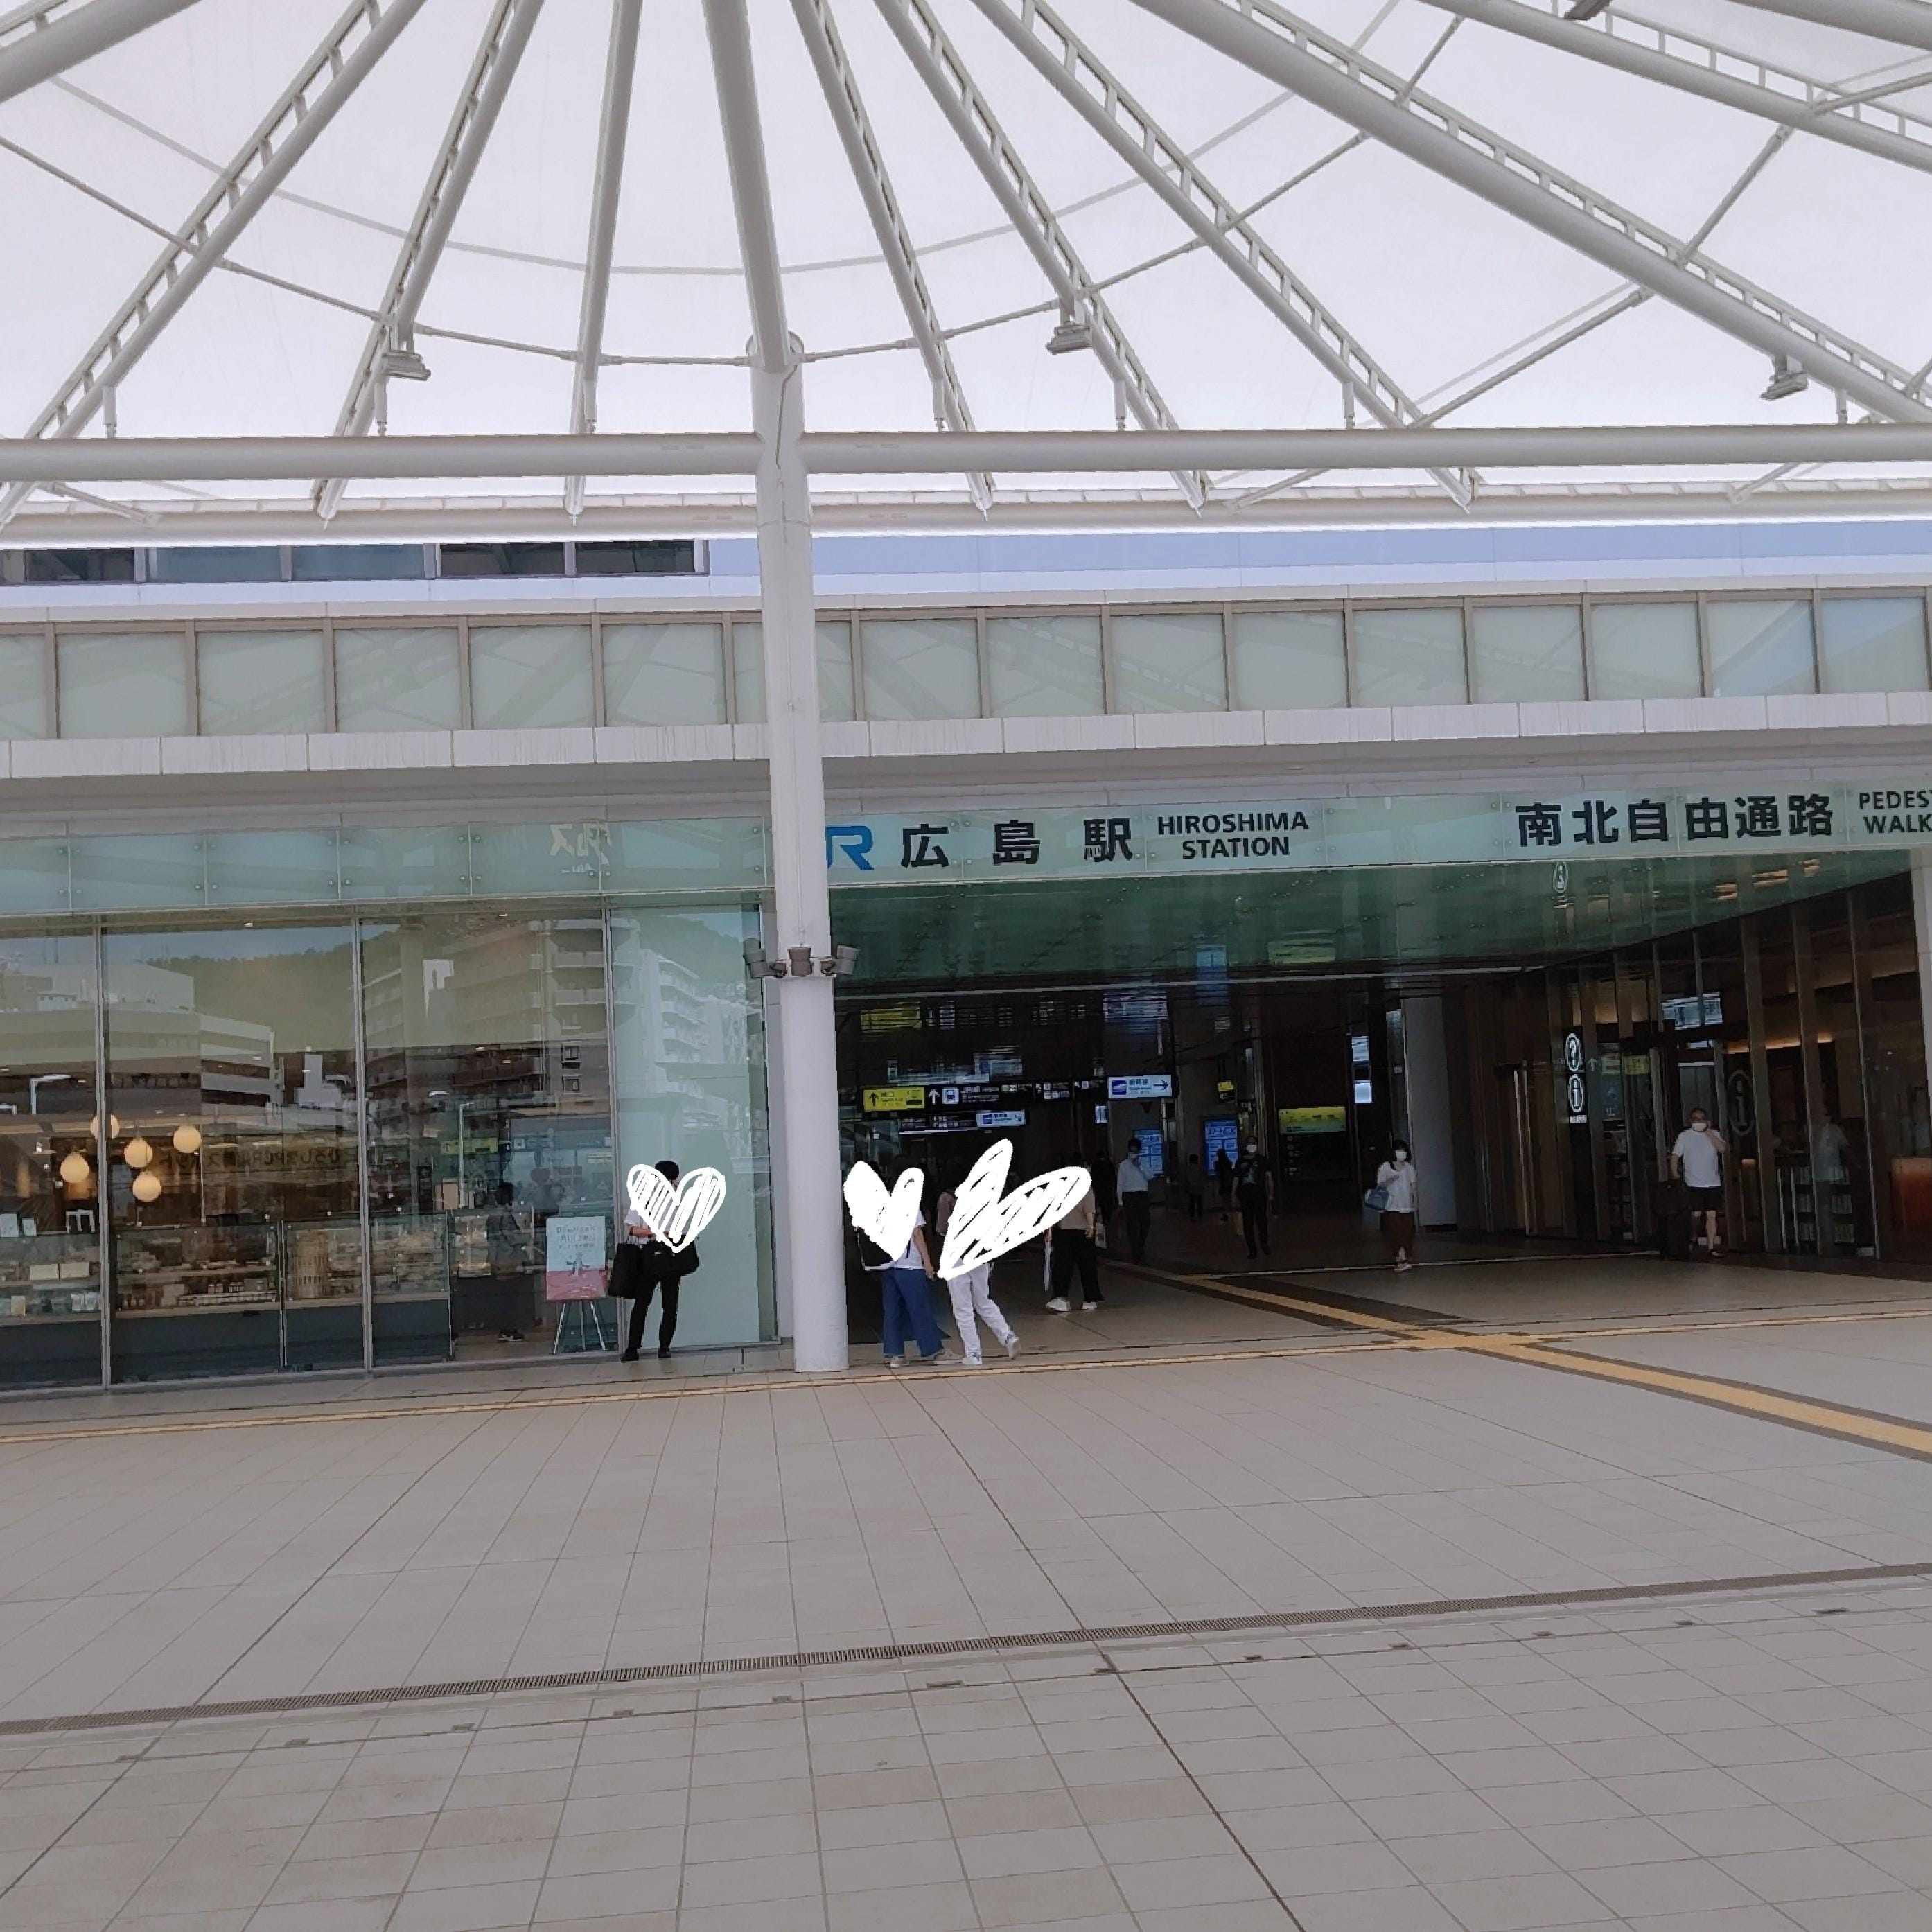 「広島駅」10/20(水) 12:31   橘ののの写メ日記